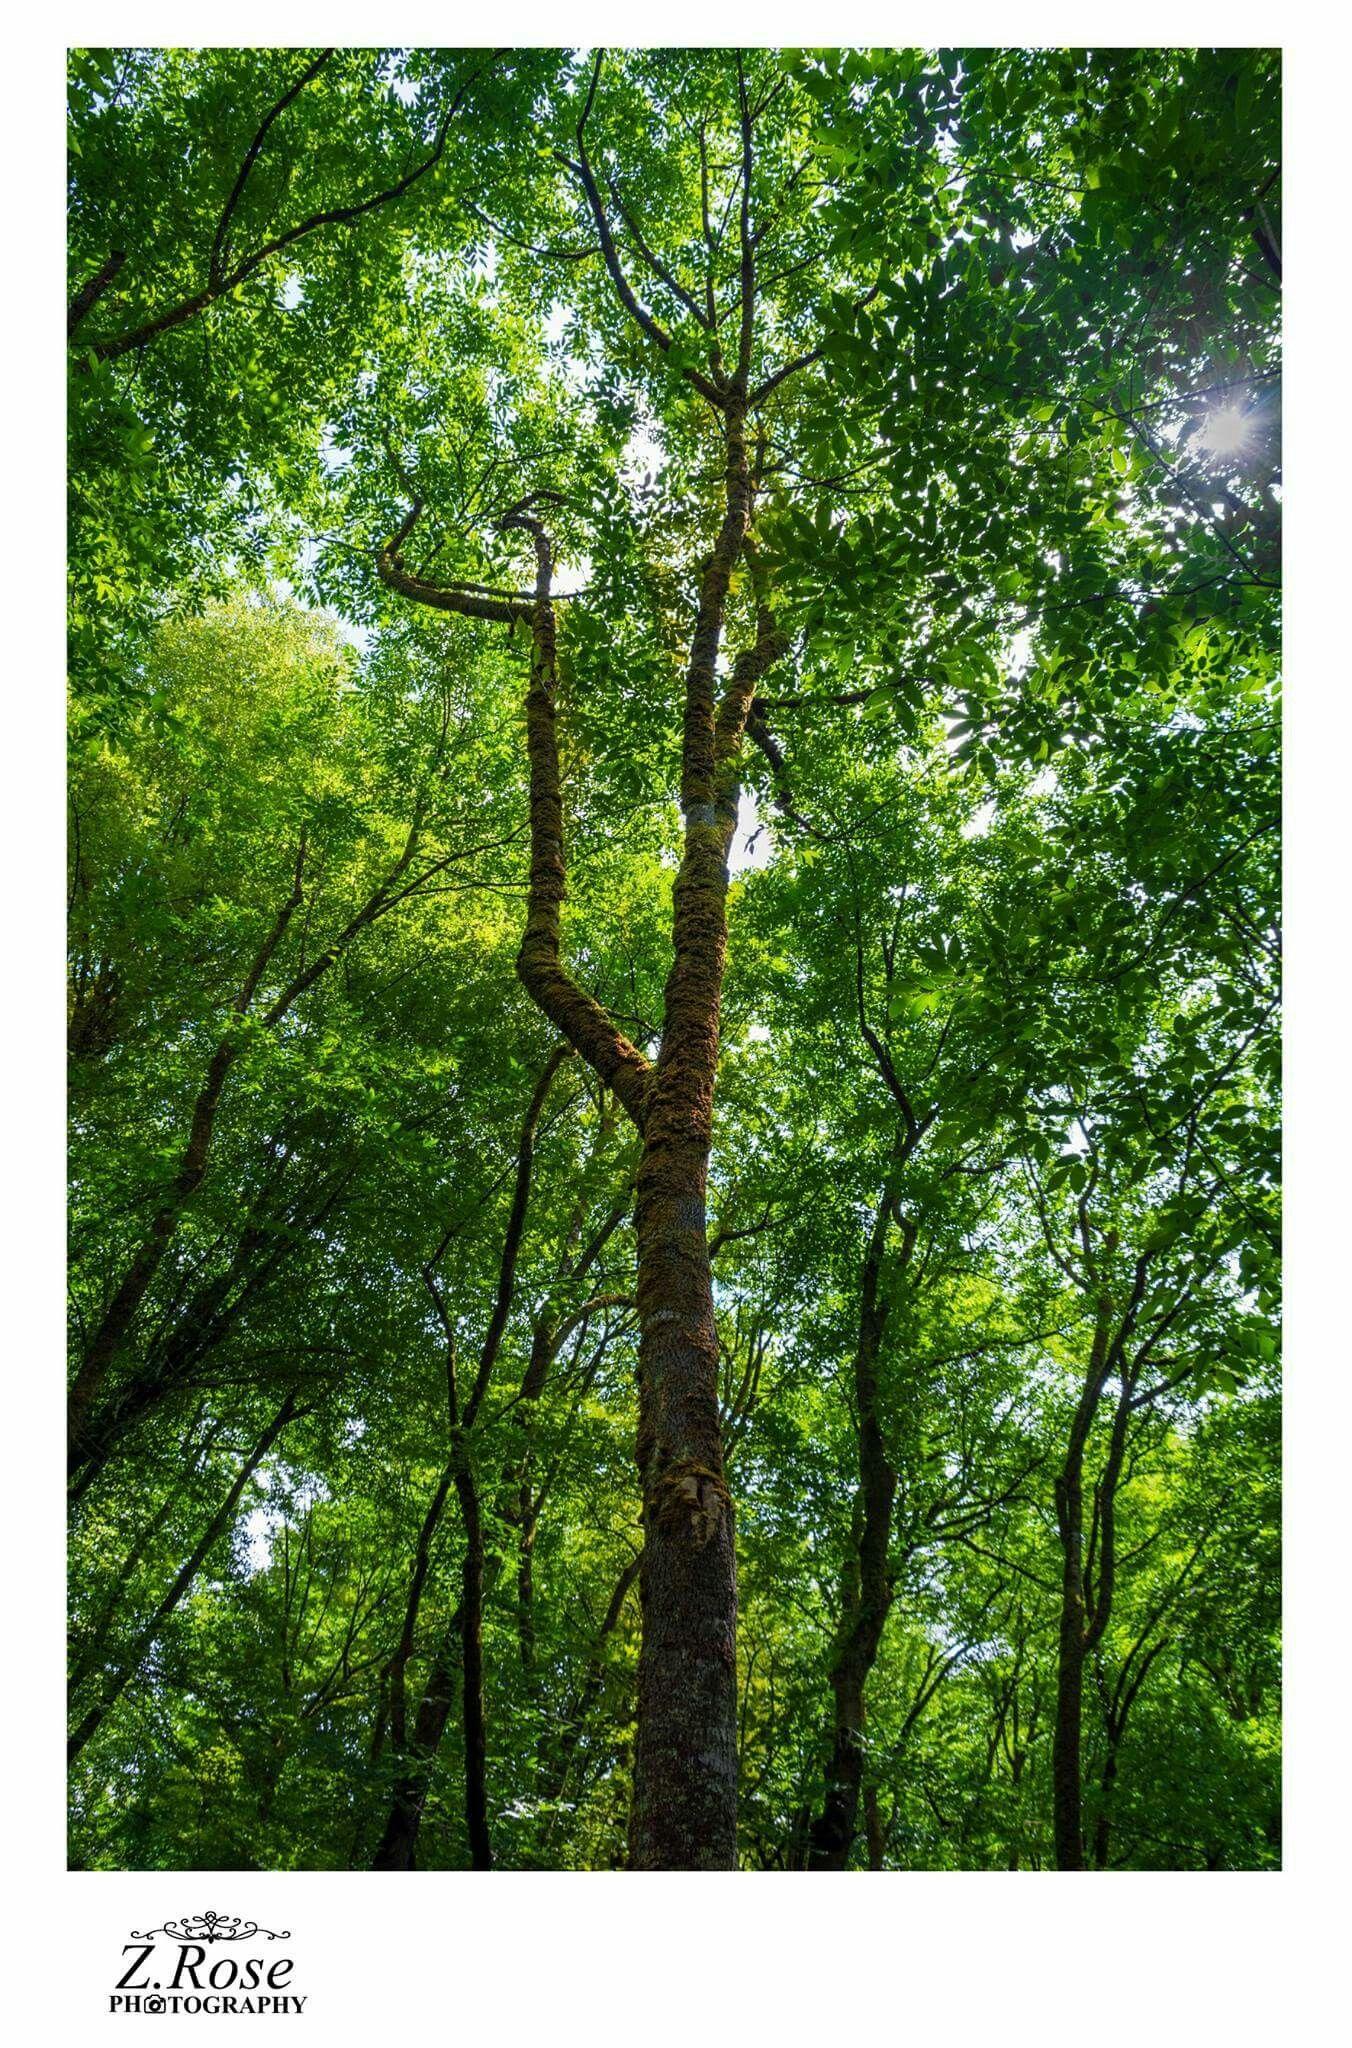 إل هي ي ط ول التجائي إل يك وي أ م ر ني اليــأس أن أنتهي فم ا أ قبل القــ ل ب إلا علــ يك وما عدت إلا ب م ا أشــتهي صباح الخير Plants Photography Tree